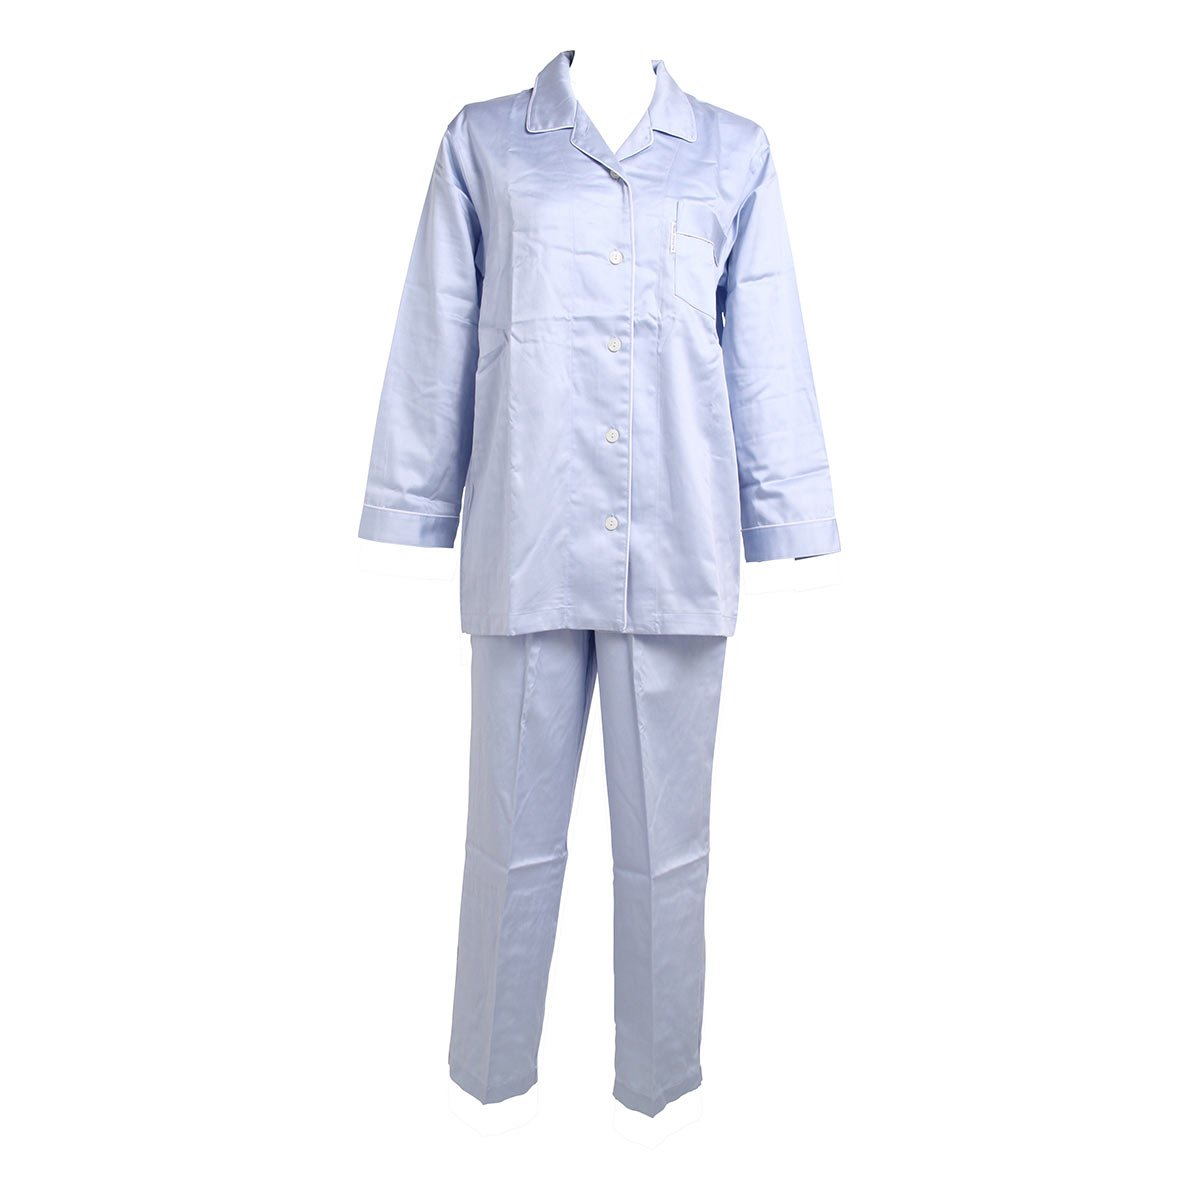 【ワコール/Wacoal】睡眠科学 レディース シャツパジャマ 綿100% B00D6CUG6C L|SX-サックス SX-サックス L